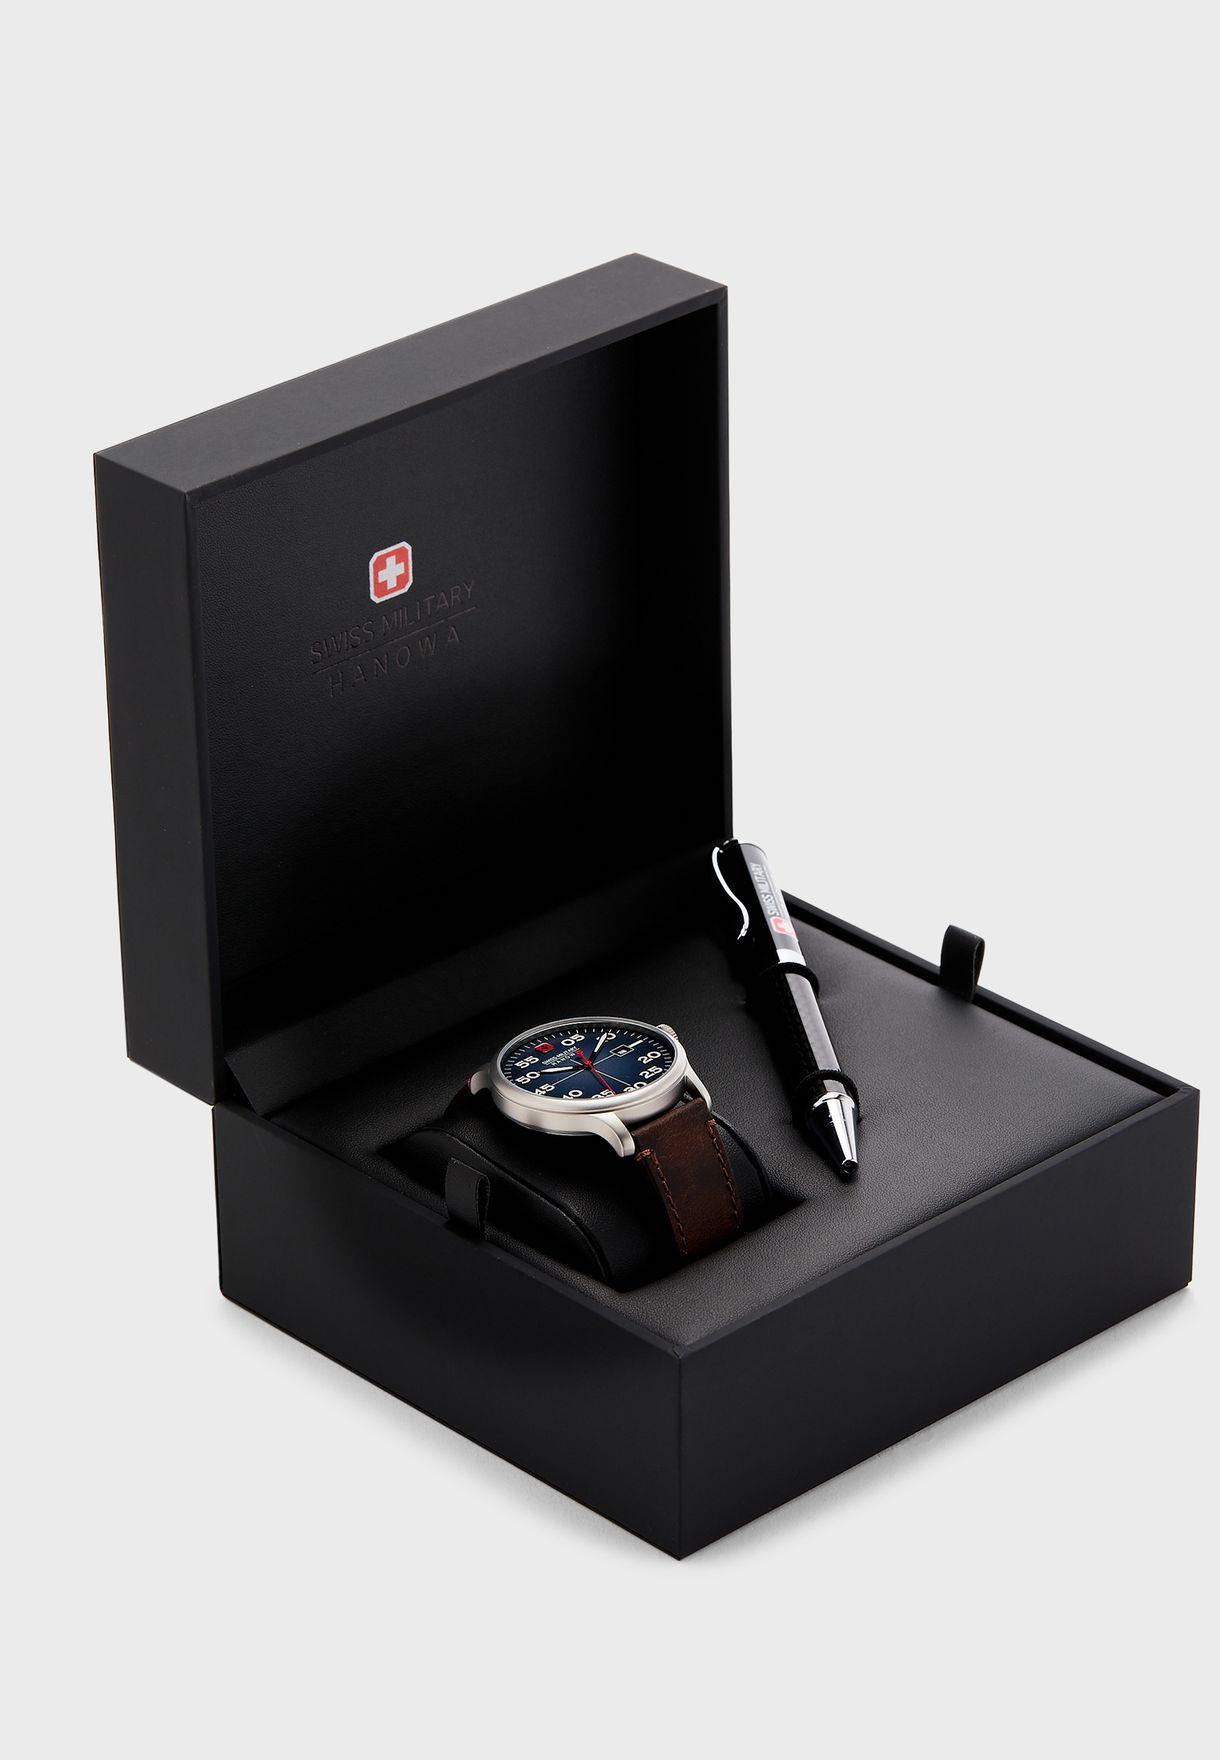 W S6-4326.04.003 Analog Watch